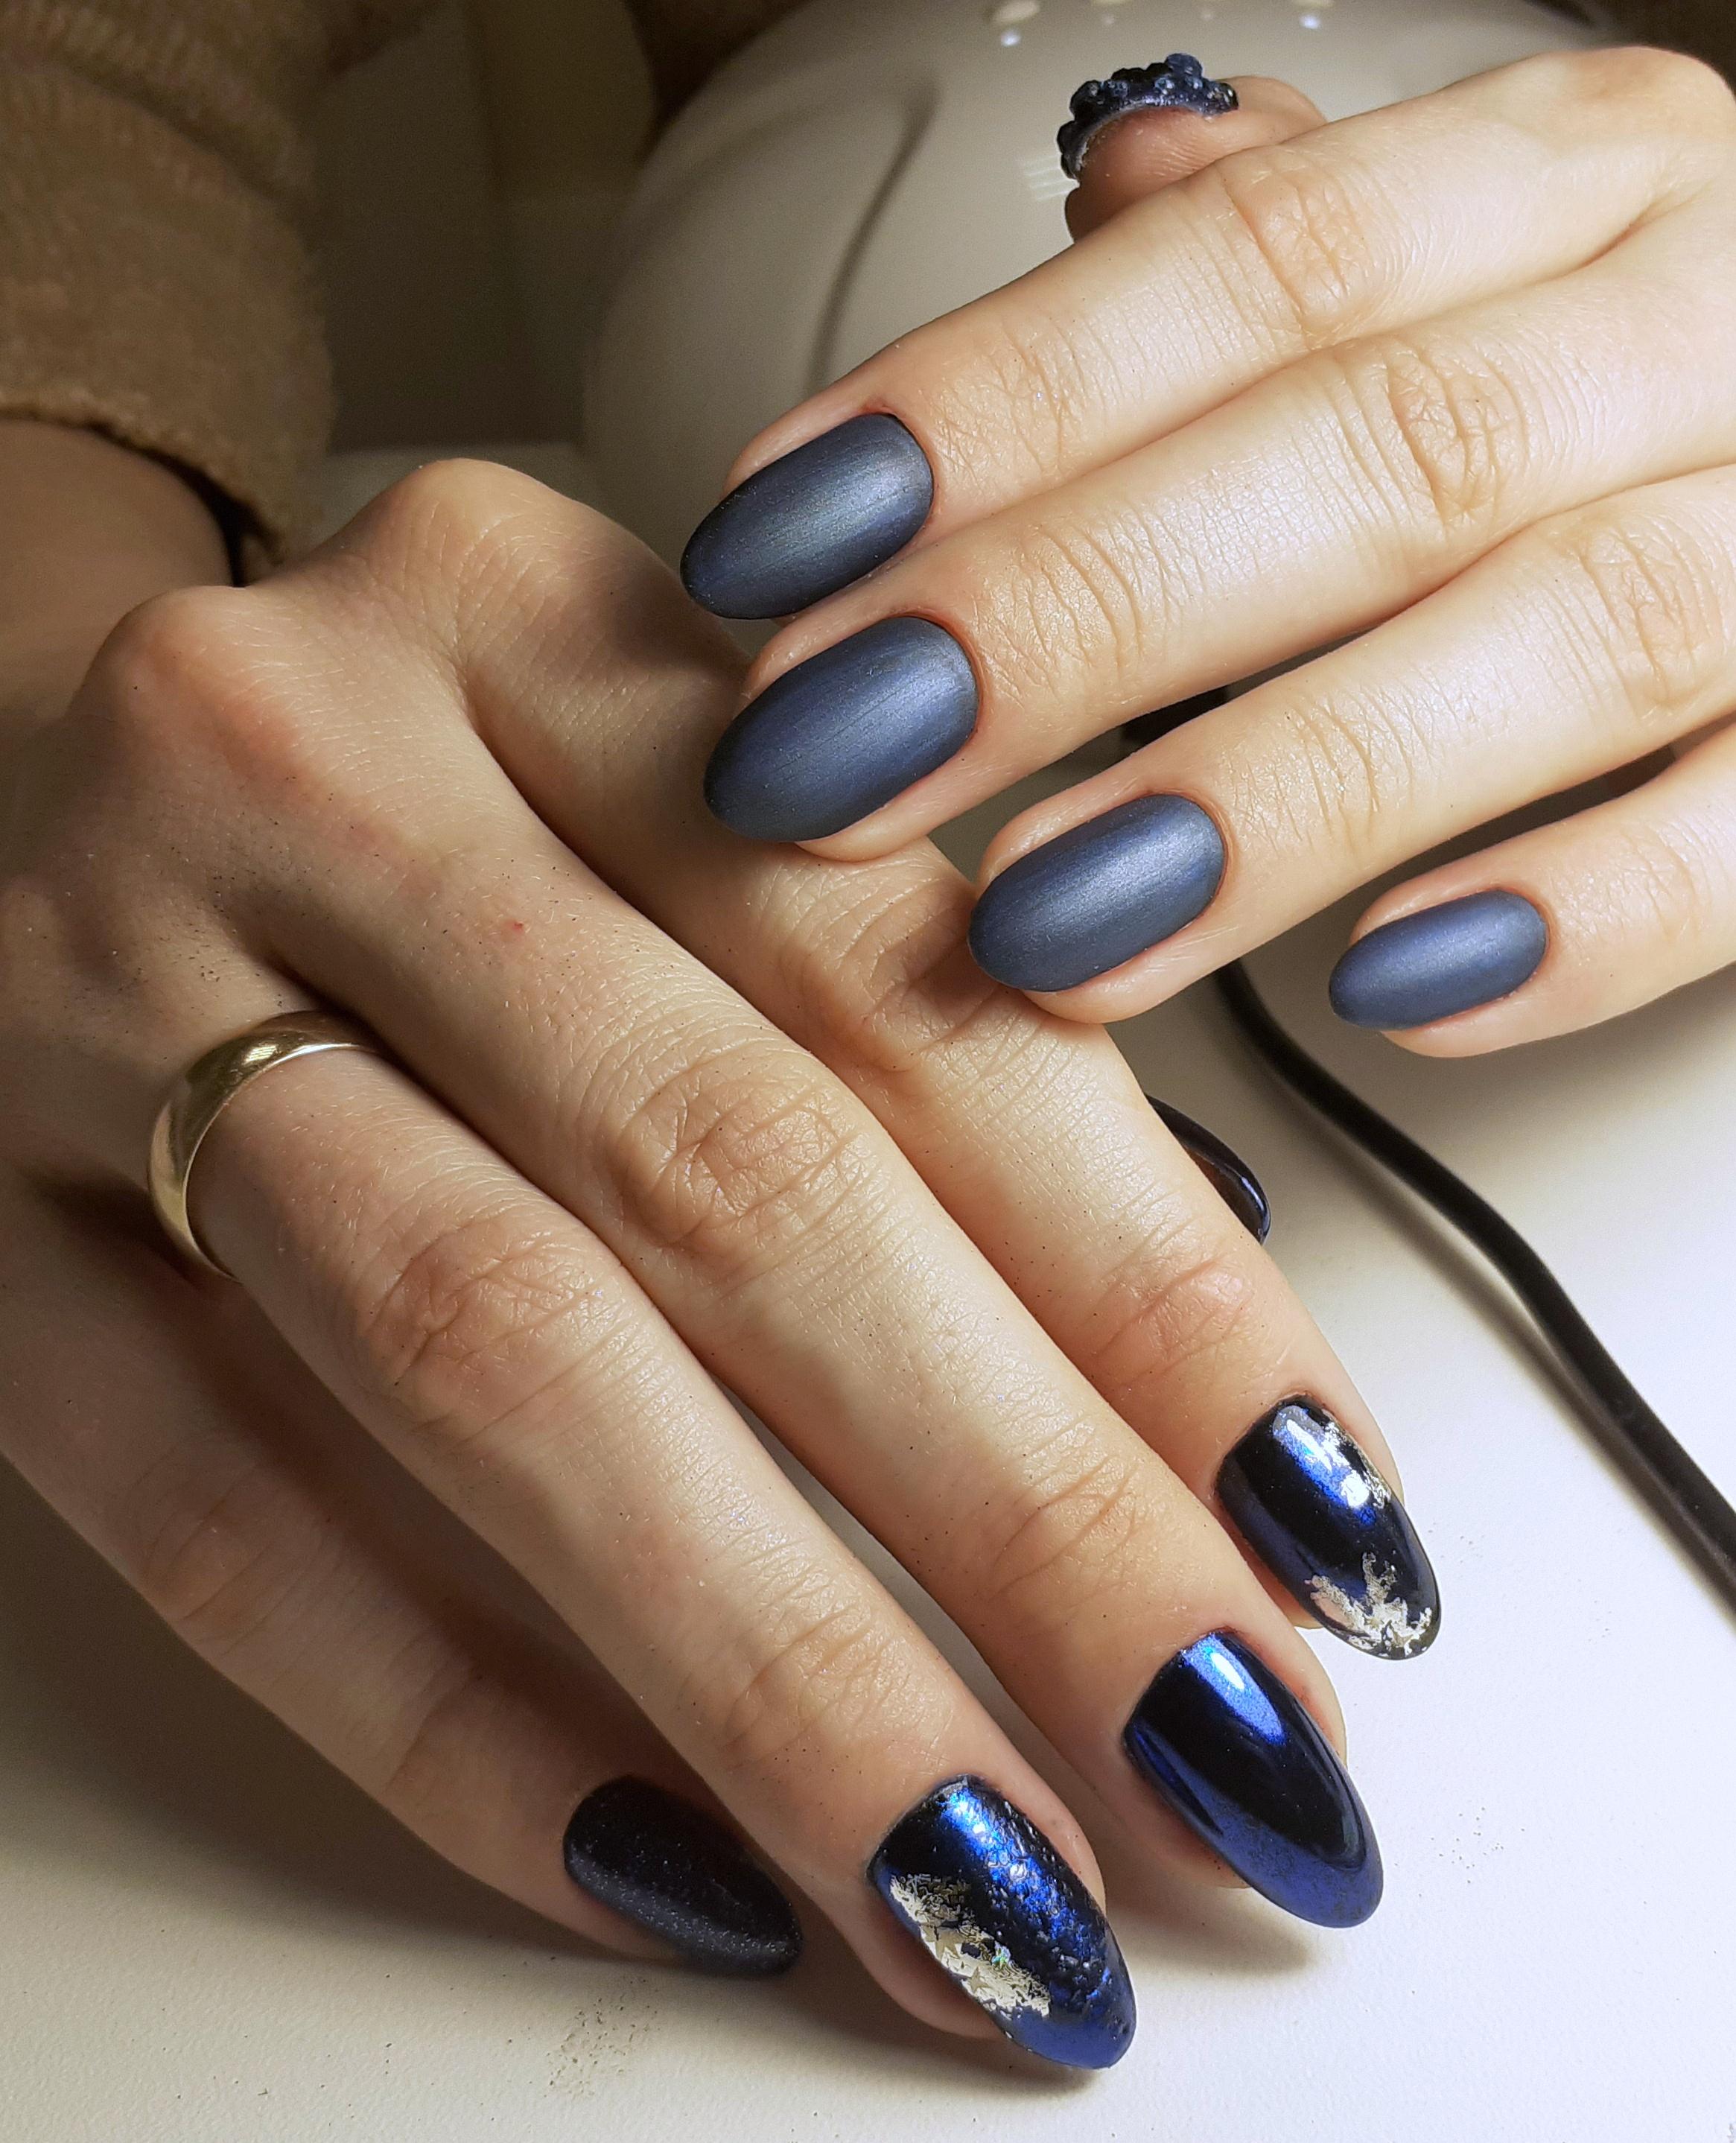 Контрастный глянцевый и матовый маникюр в тёмно-синем цвете.